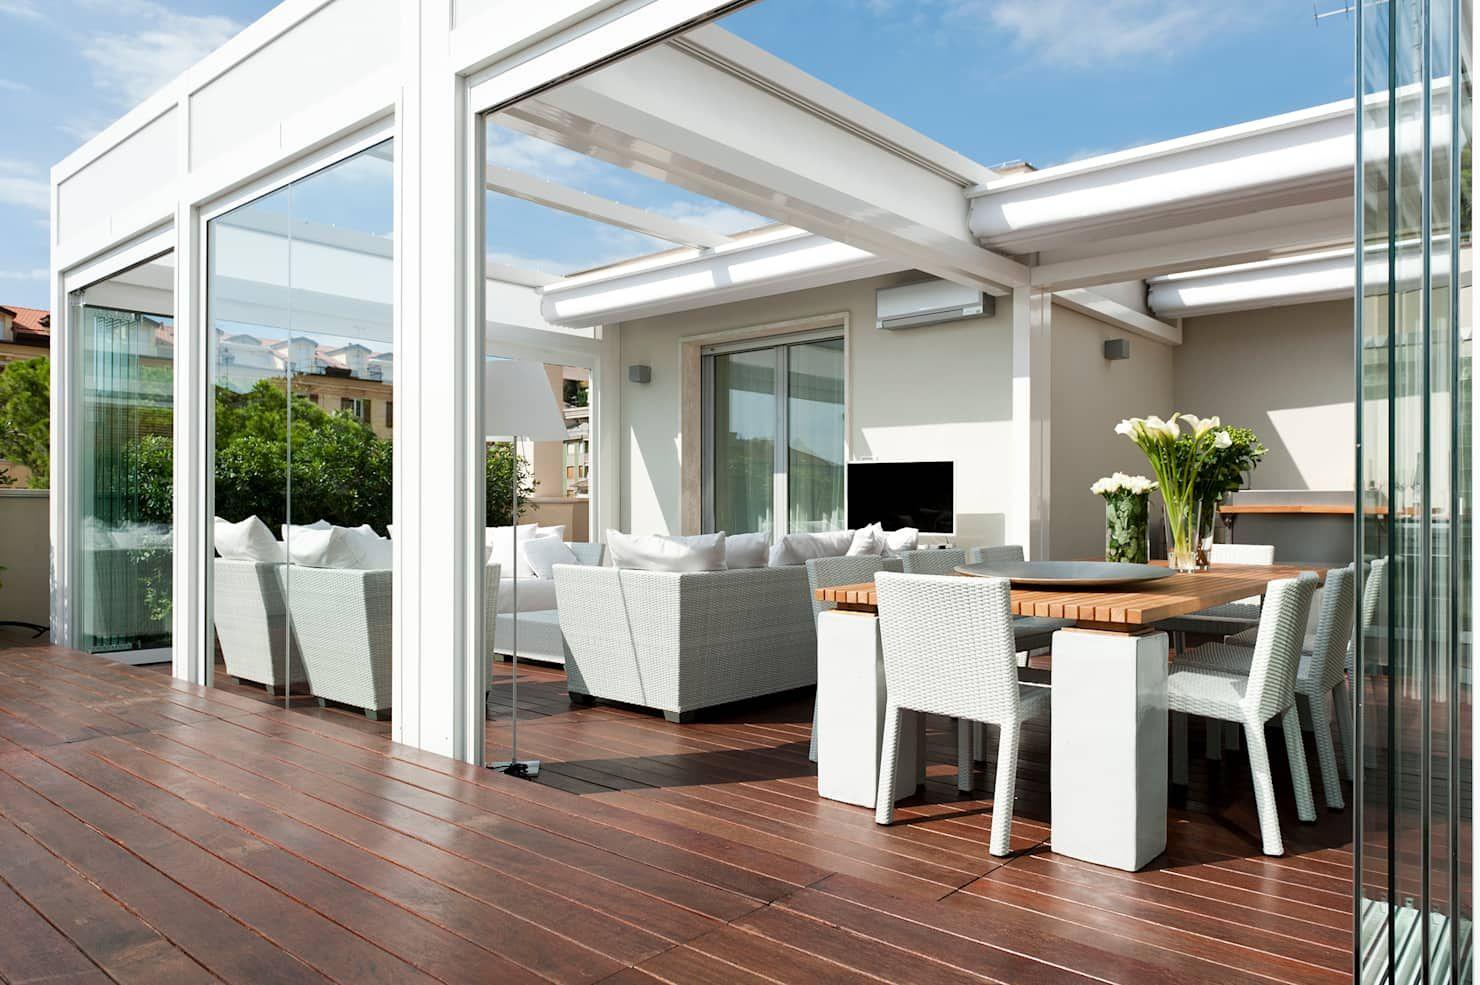 Casa alassio balcone, veranda & terrazza in stile moderno